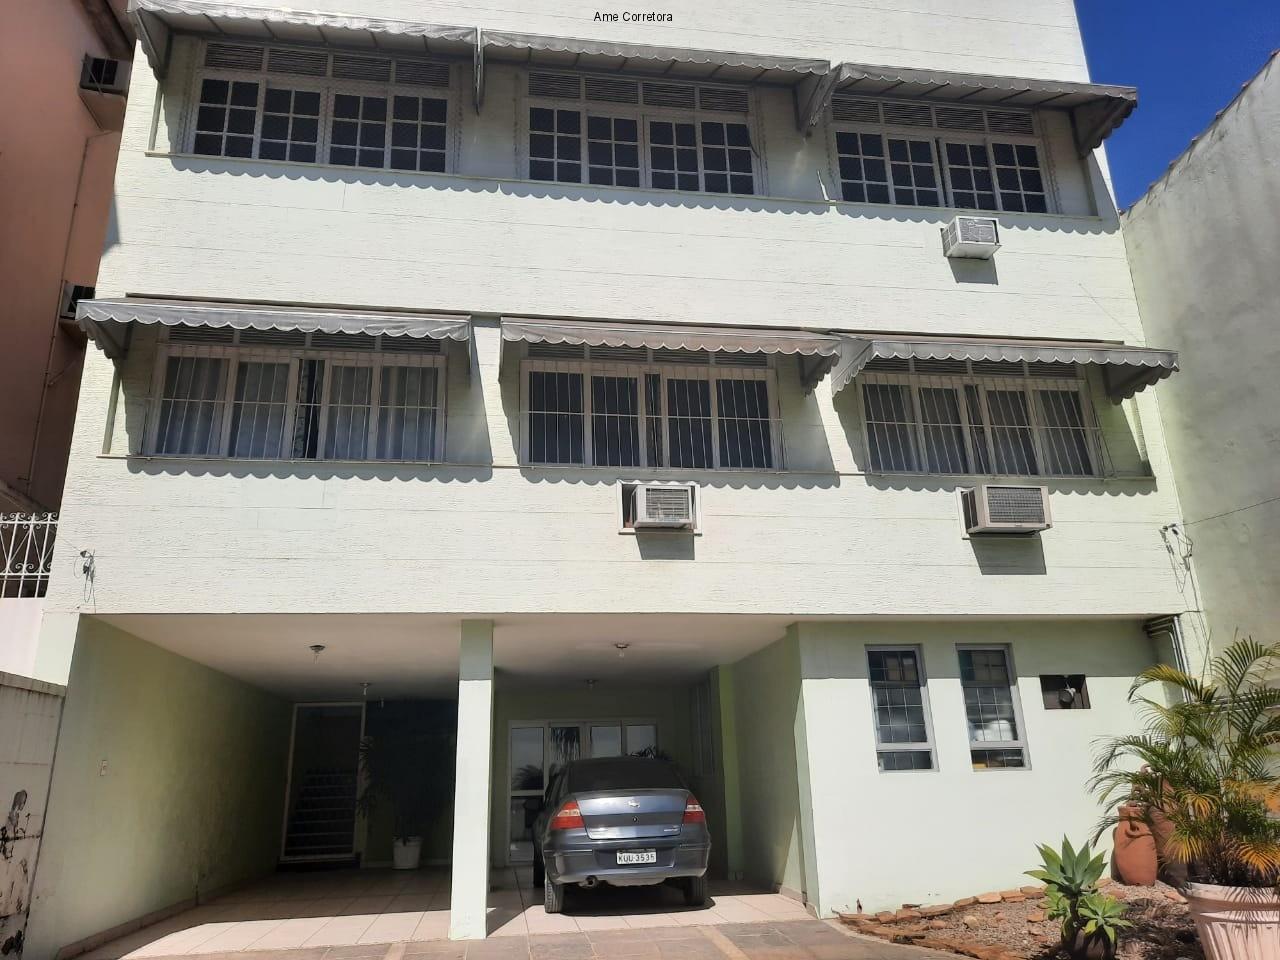 FOTO 01 - Apartamento 3 quartos à venda Rio de Janeiro,RJ - R$ 1.400.000 - AP00410 - 1